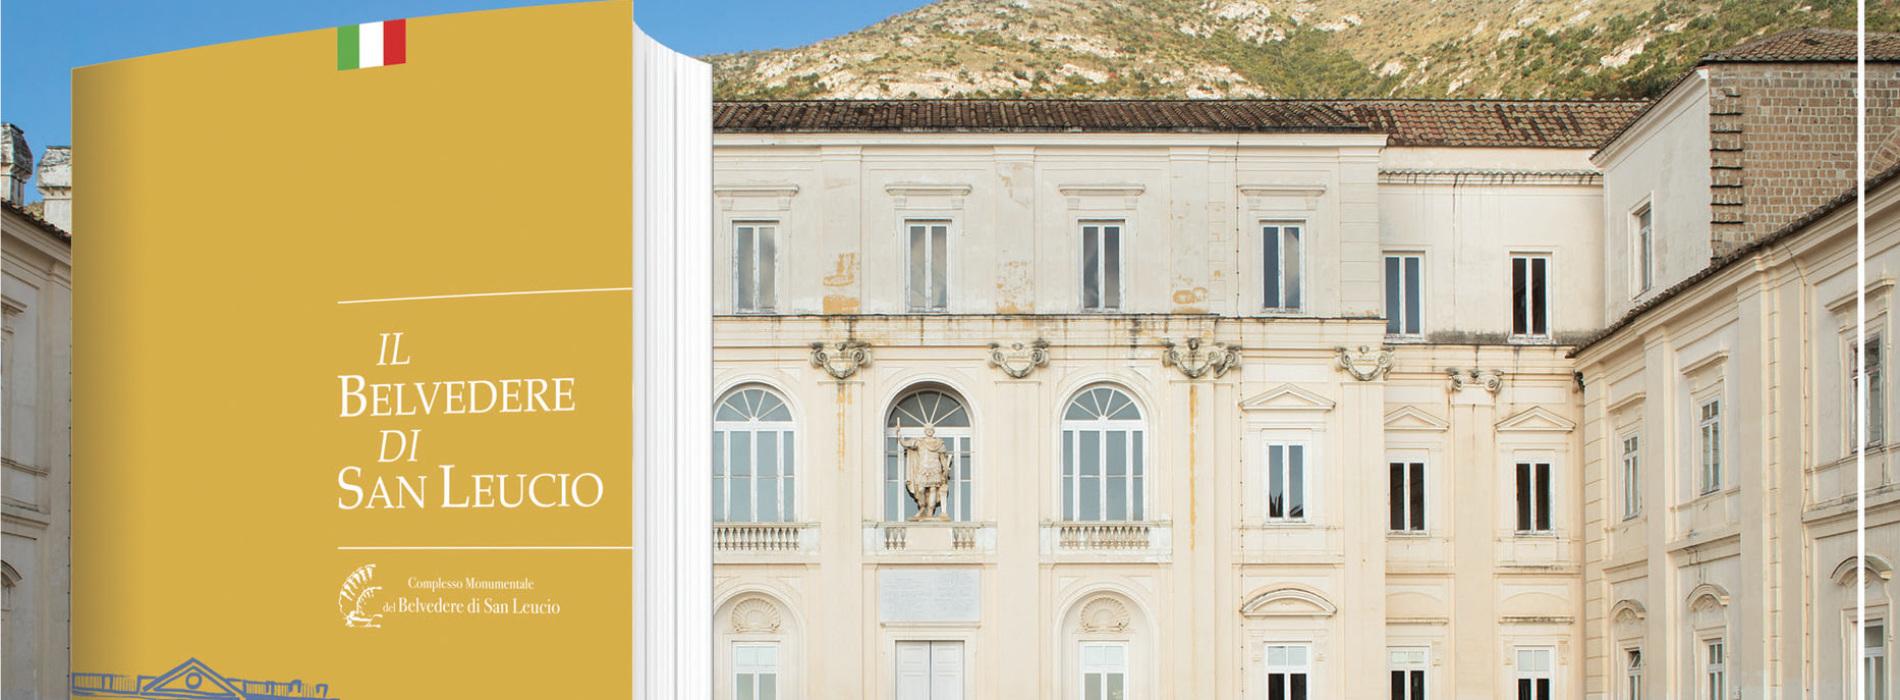 La guida del Belvedere di San Leucio, c'è la presentazione